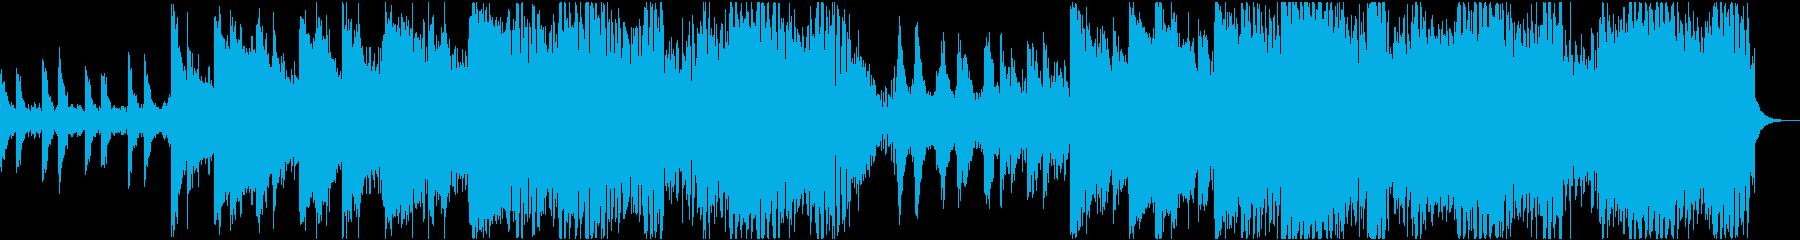 流行りのPROGRESSIVE HOUEの再生済みの波形